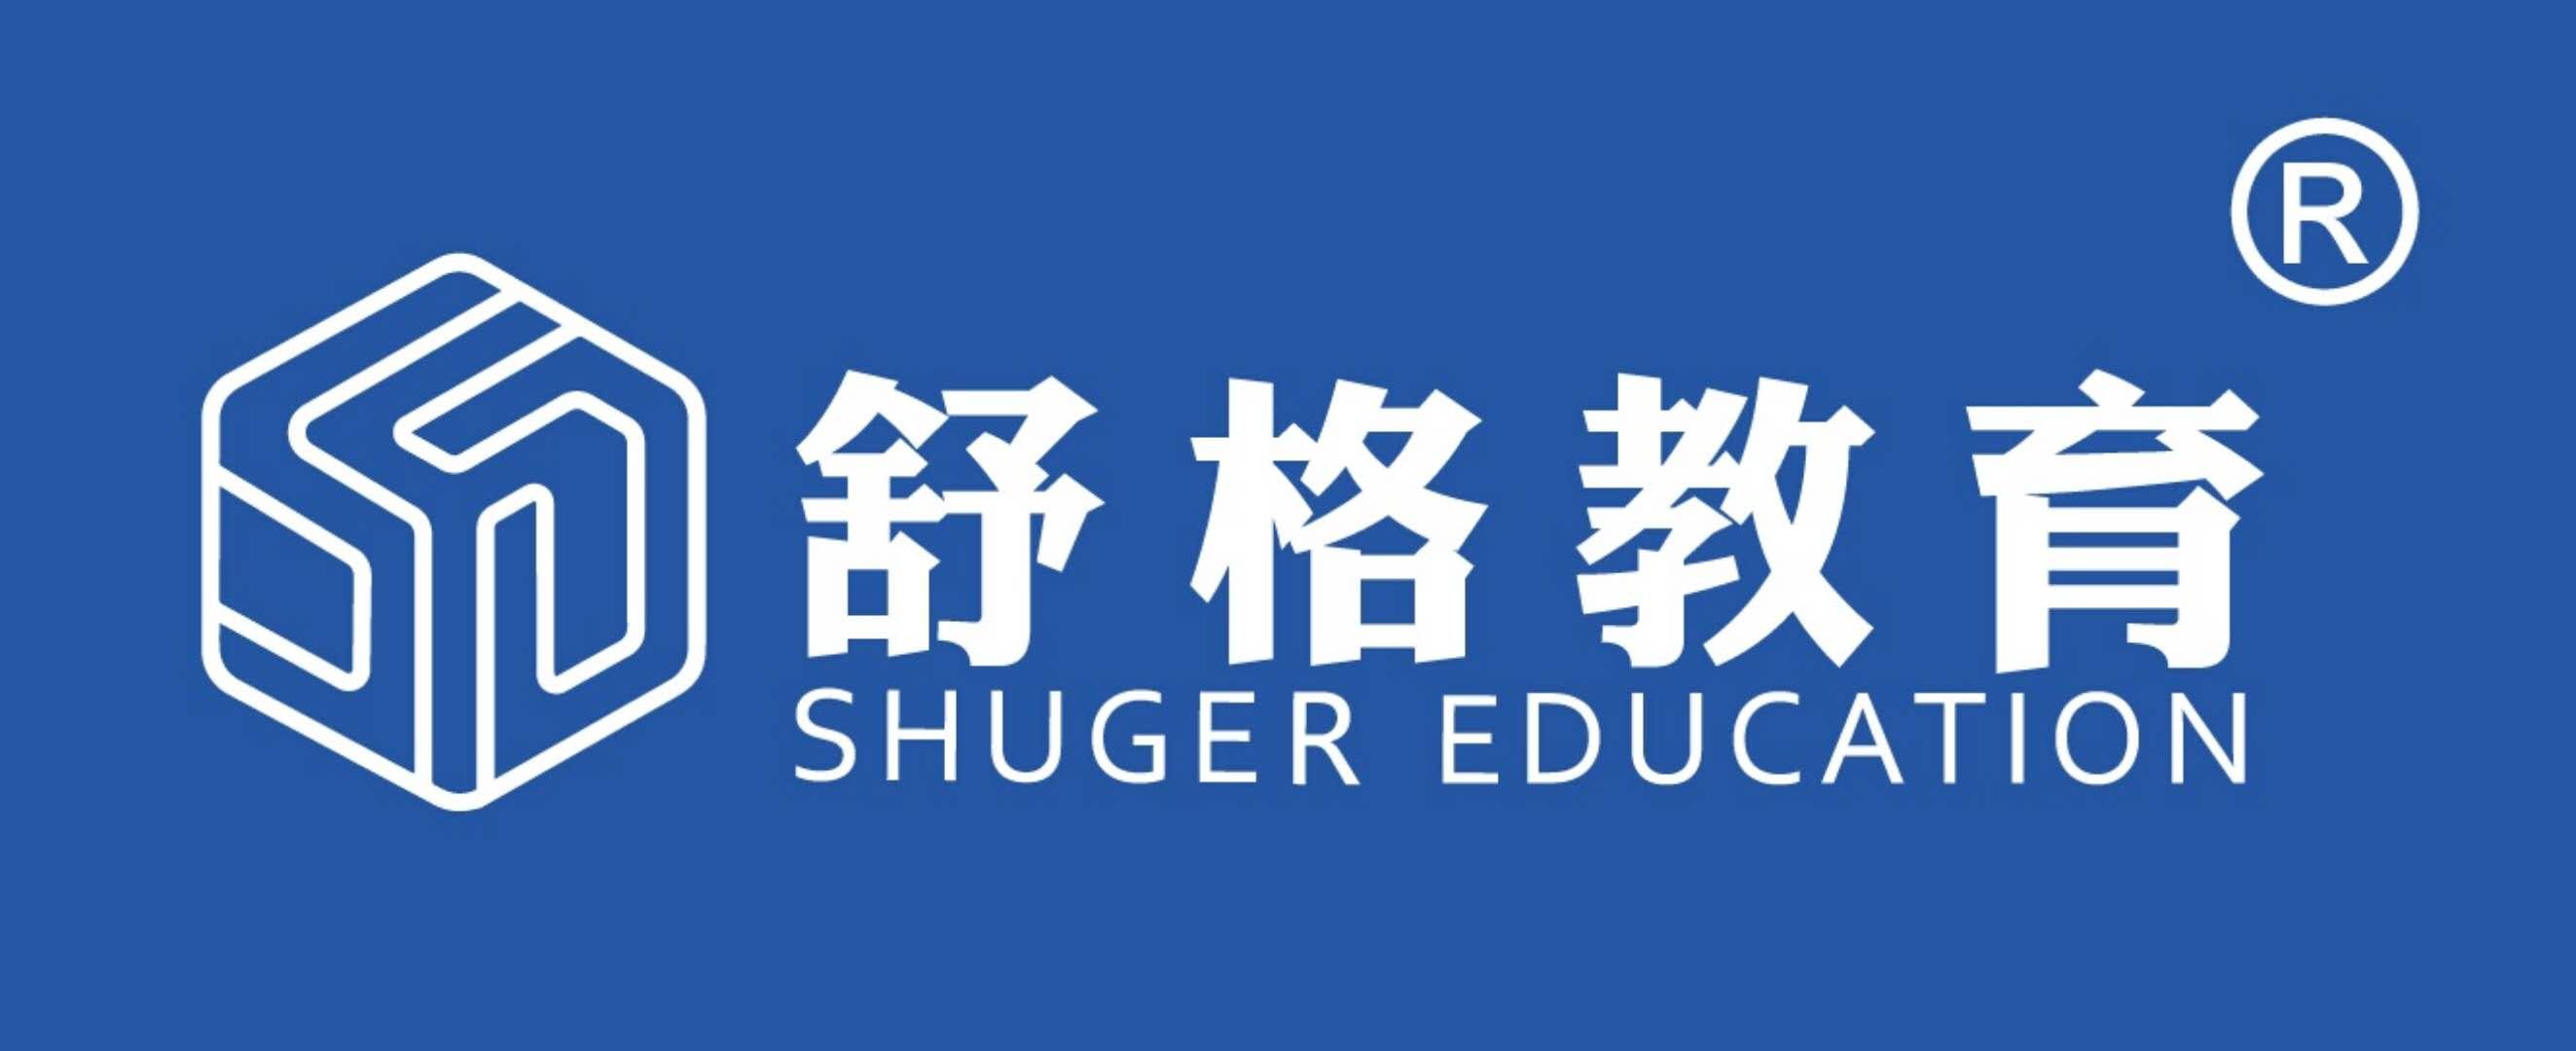 云南舒格教育信息咨询有限公司